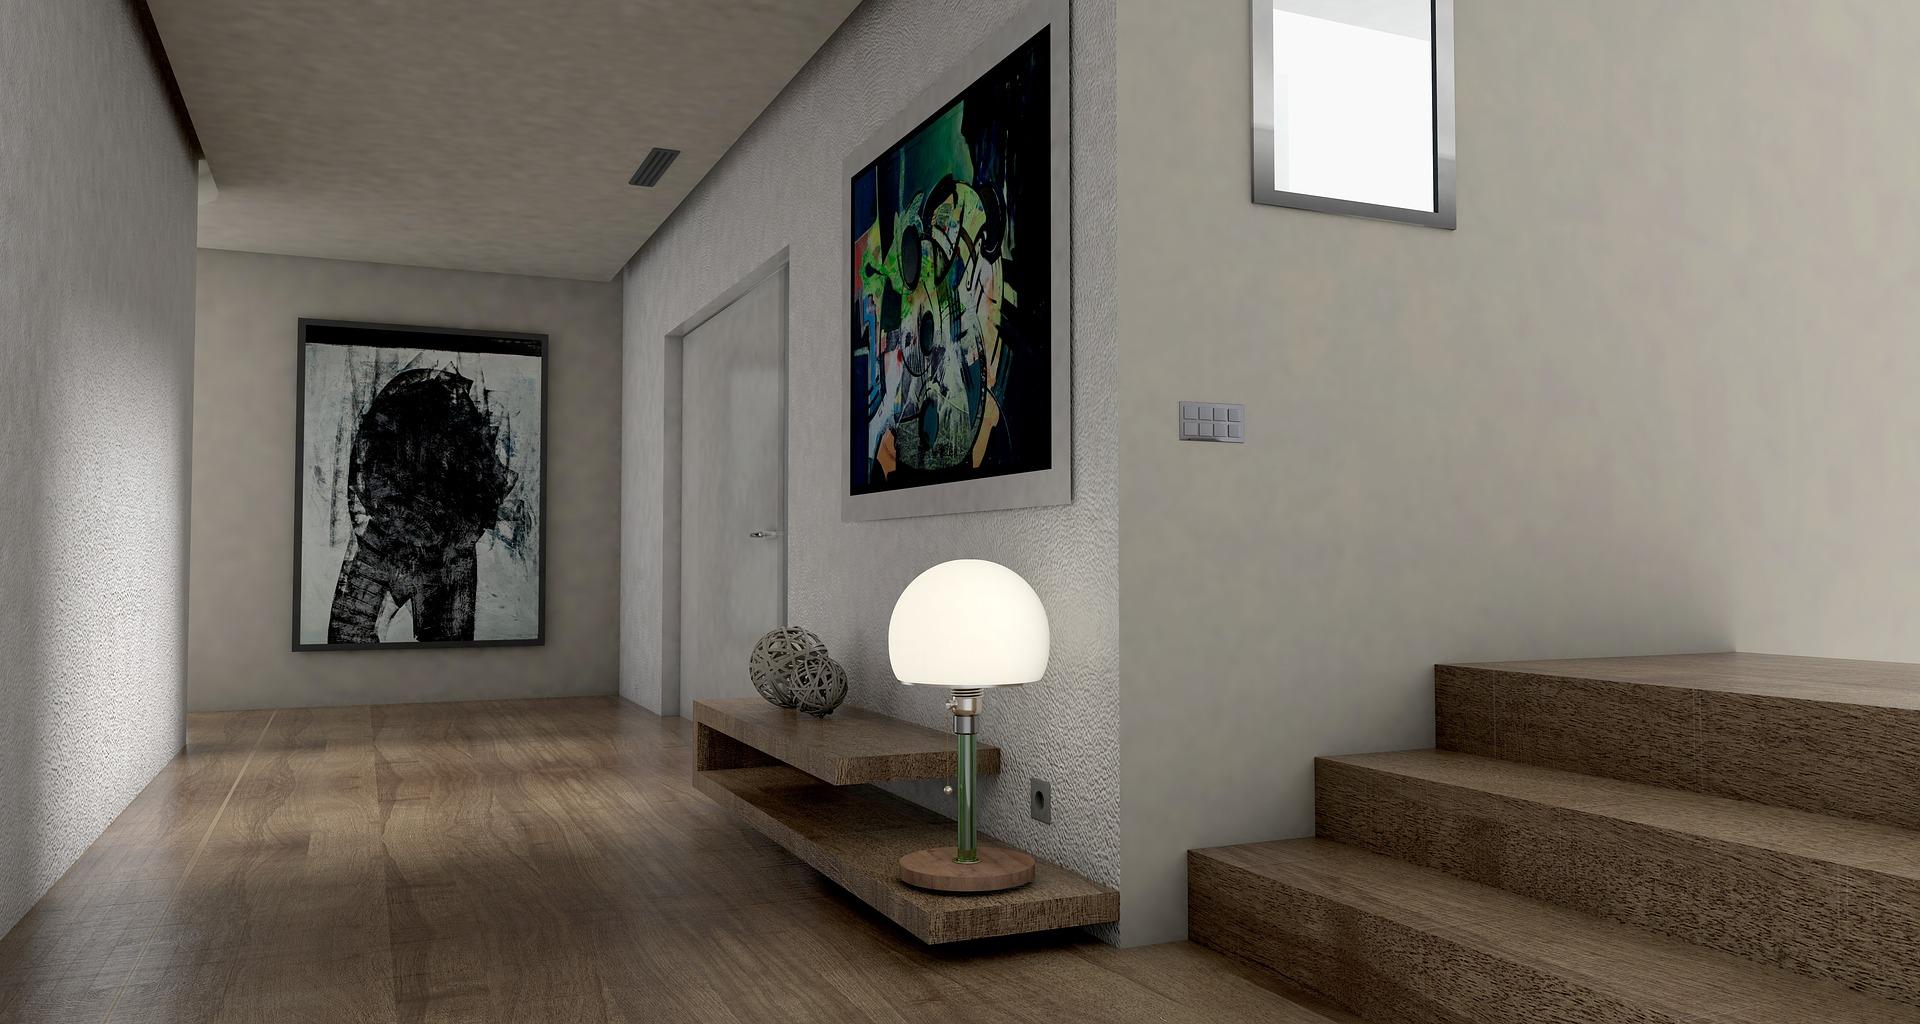 in einem treppenhaus mit anschließendem Flur leuchtete eine Lampe